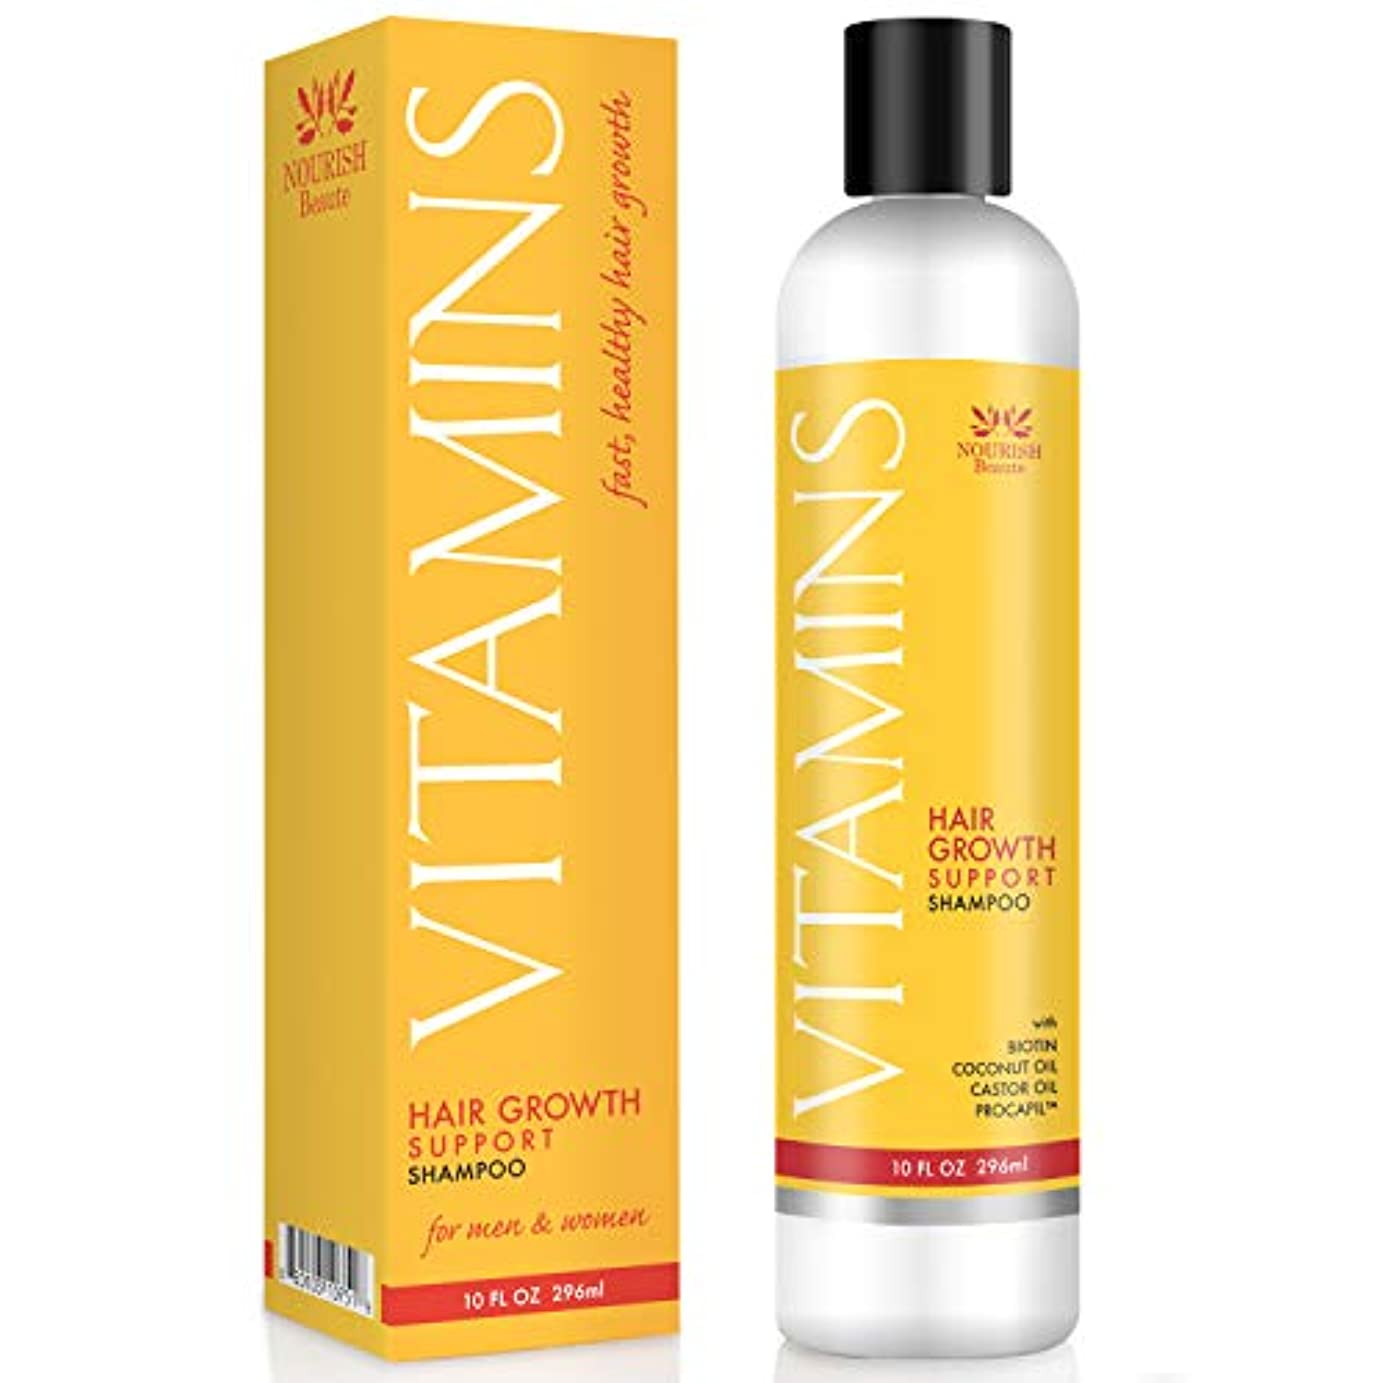 作り上げるカレンダー懐疑論Vitamins Hair Loss Shampoo - 121% Regrowth and 47% Less Thinning - With DHT Blockers and Biotin for Hair Growth...